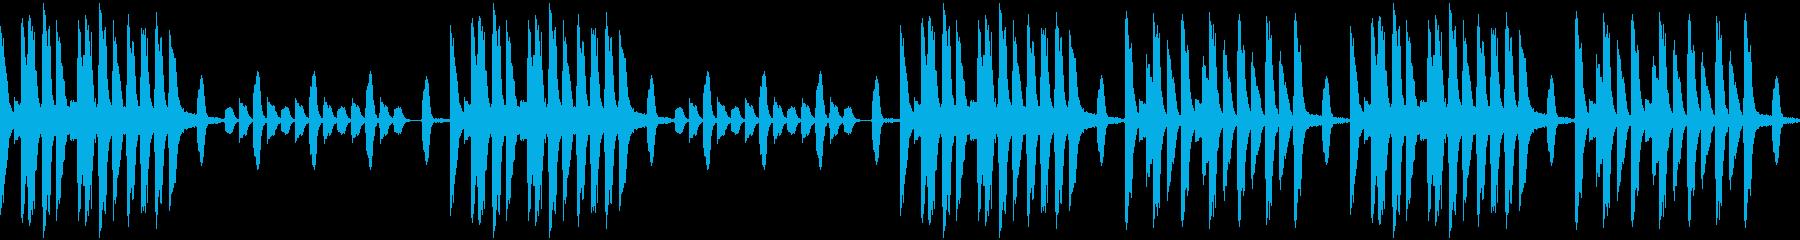 楽しみな入社式な曲(ループ仕様)の再生済みの波形